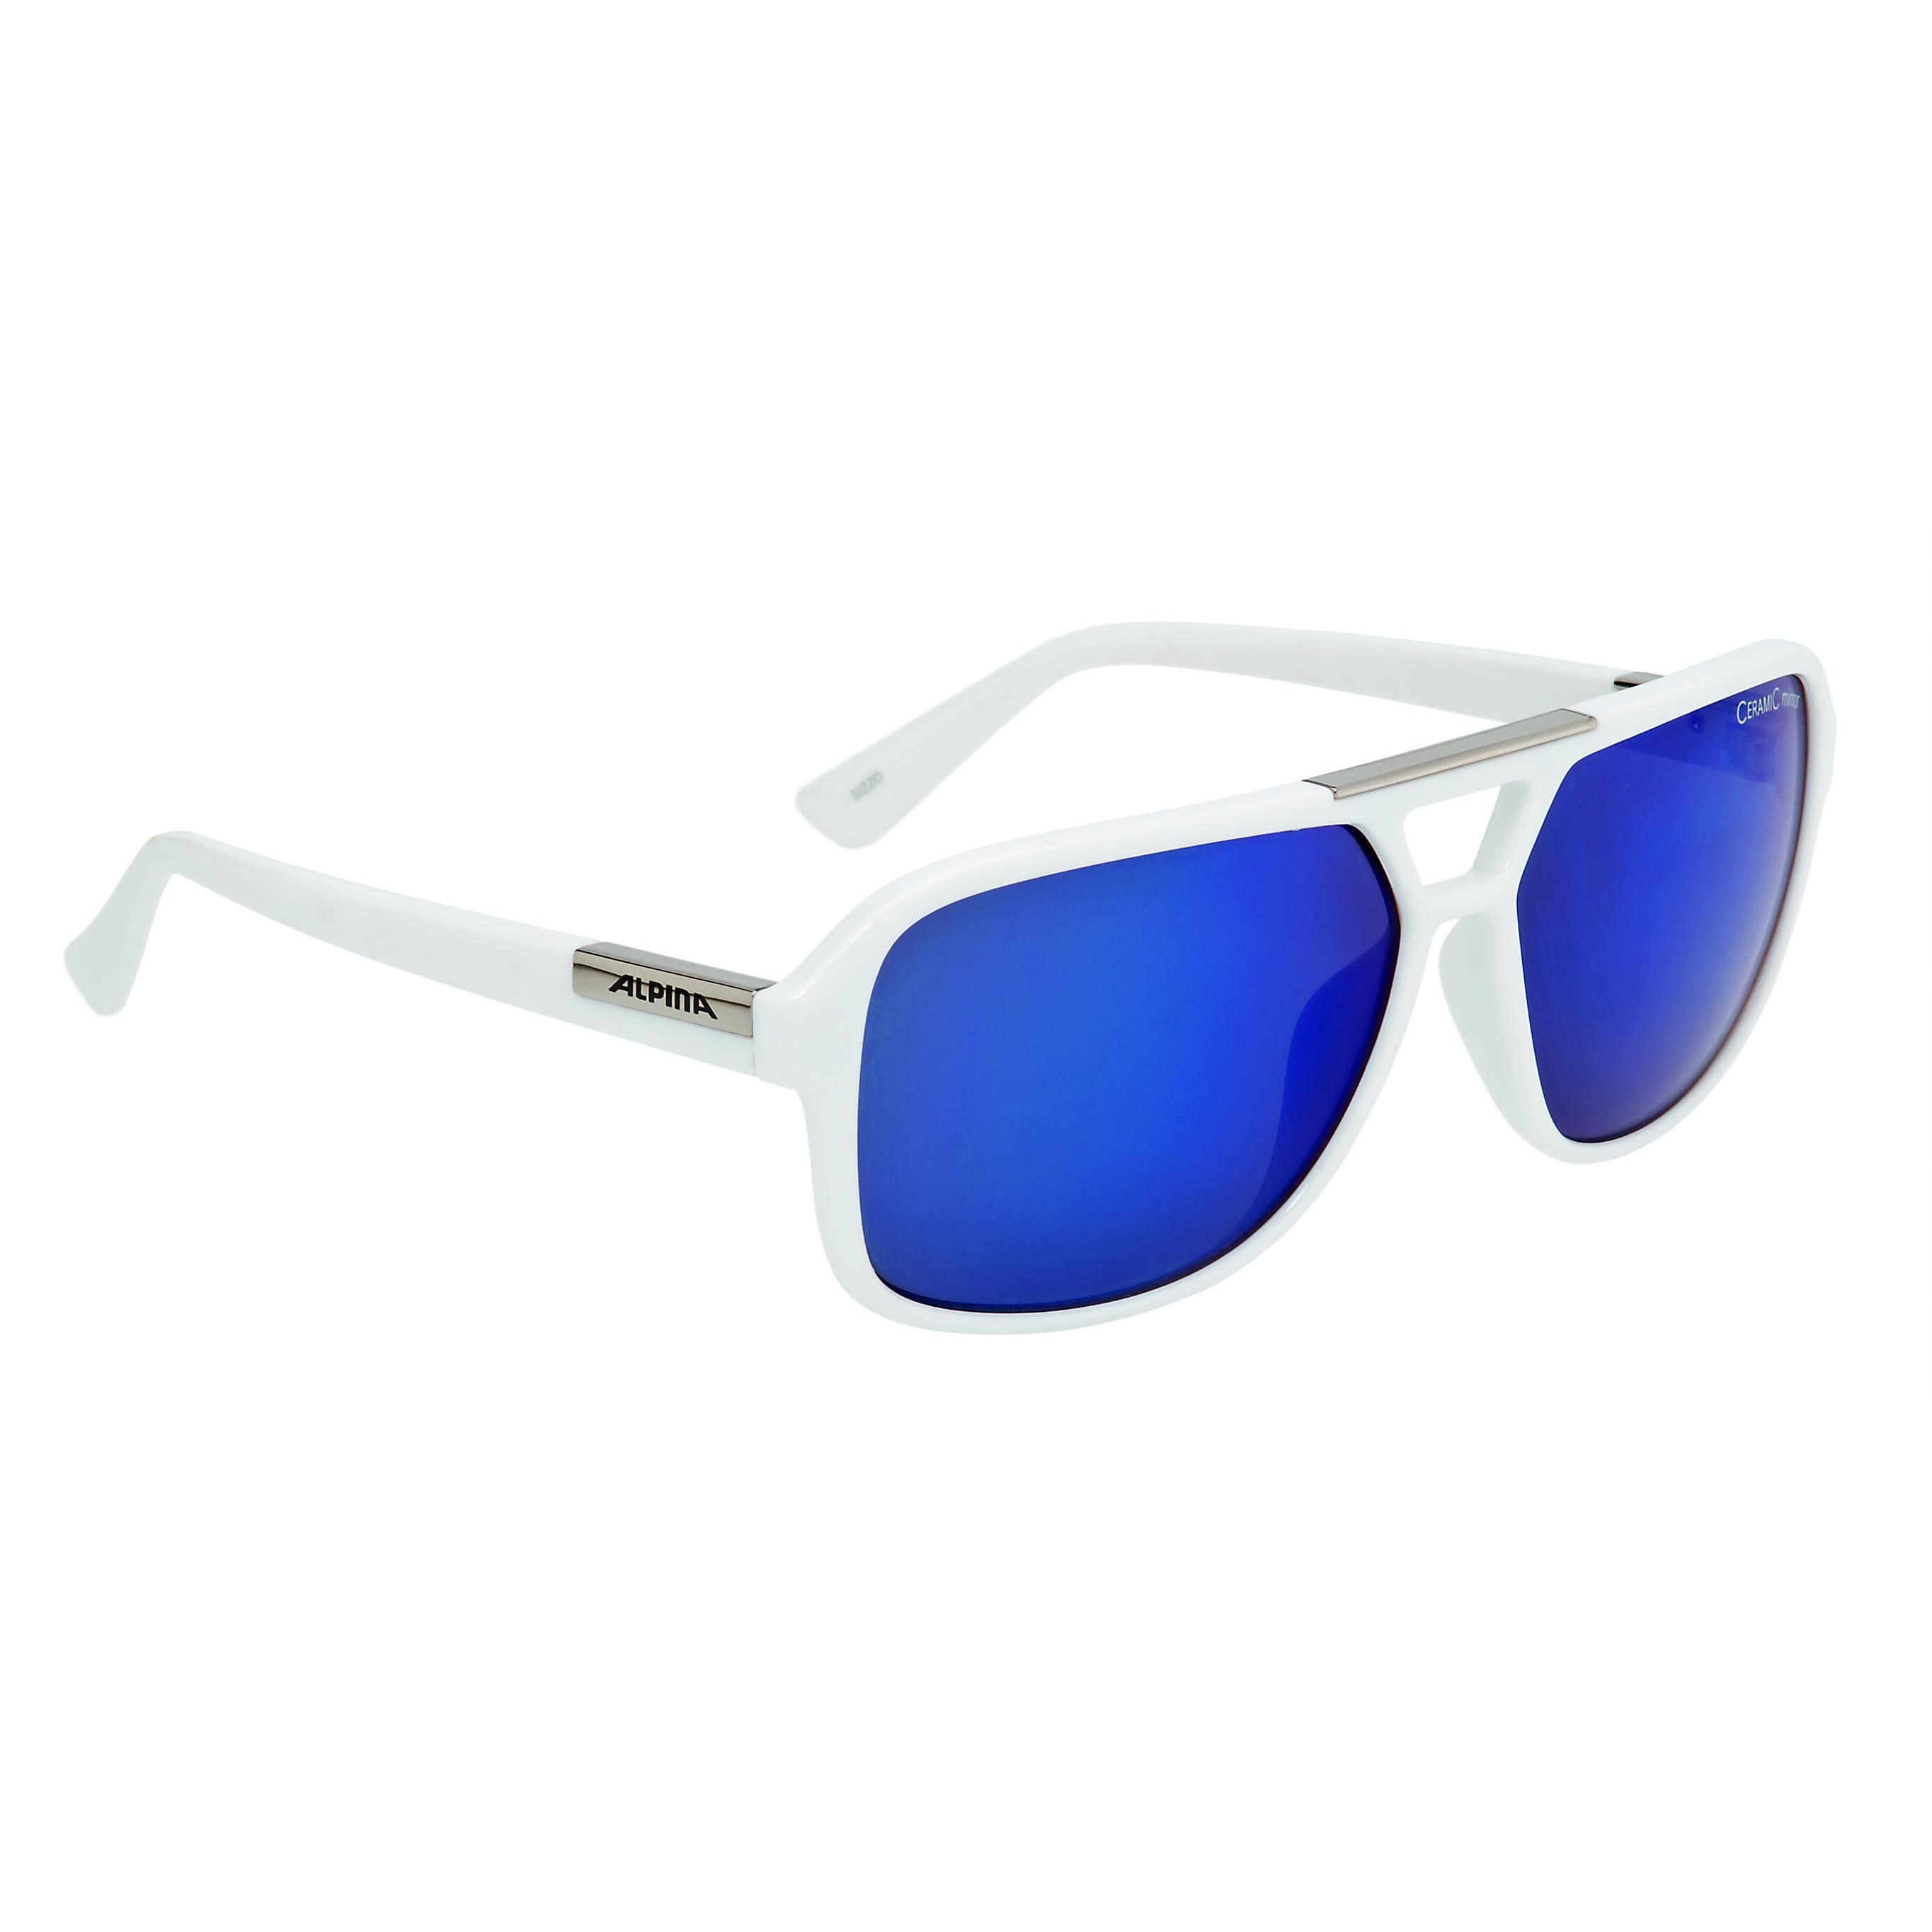 Купить Очки солнцезащитные Alpina SPORT STYLE SIZZO white, солнцезащитные, 1180603